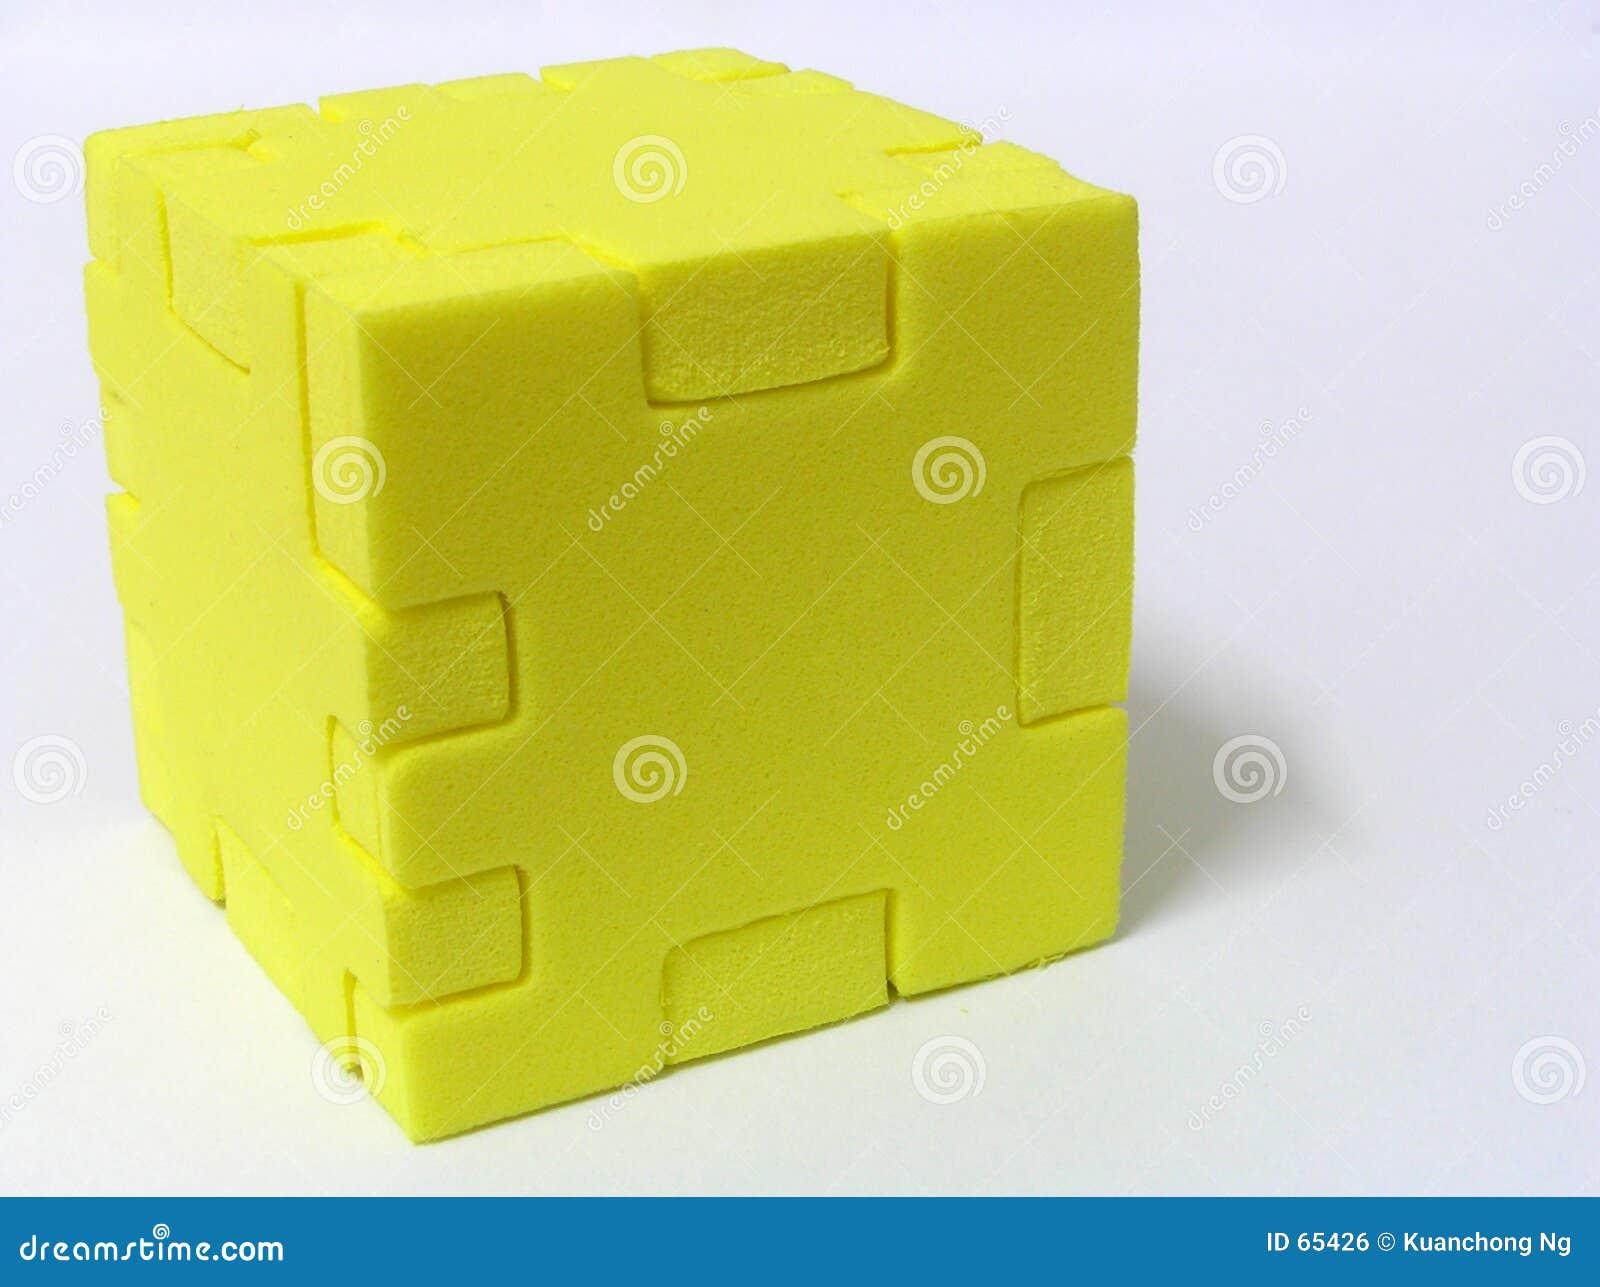 Puzzle - JAUNE